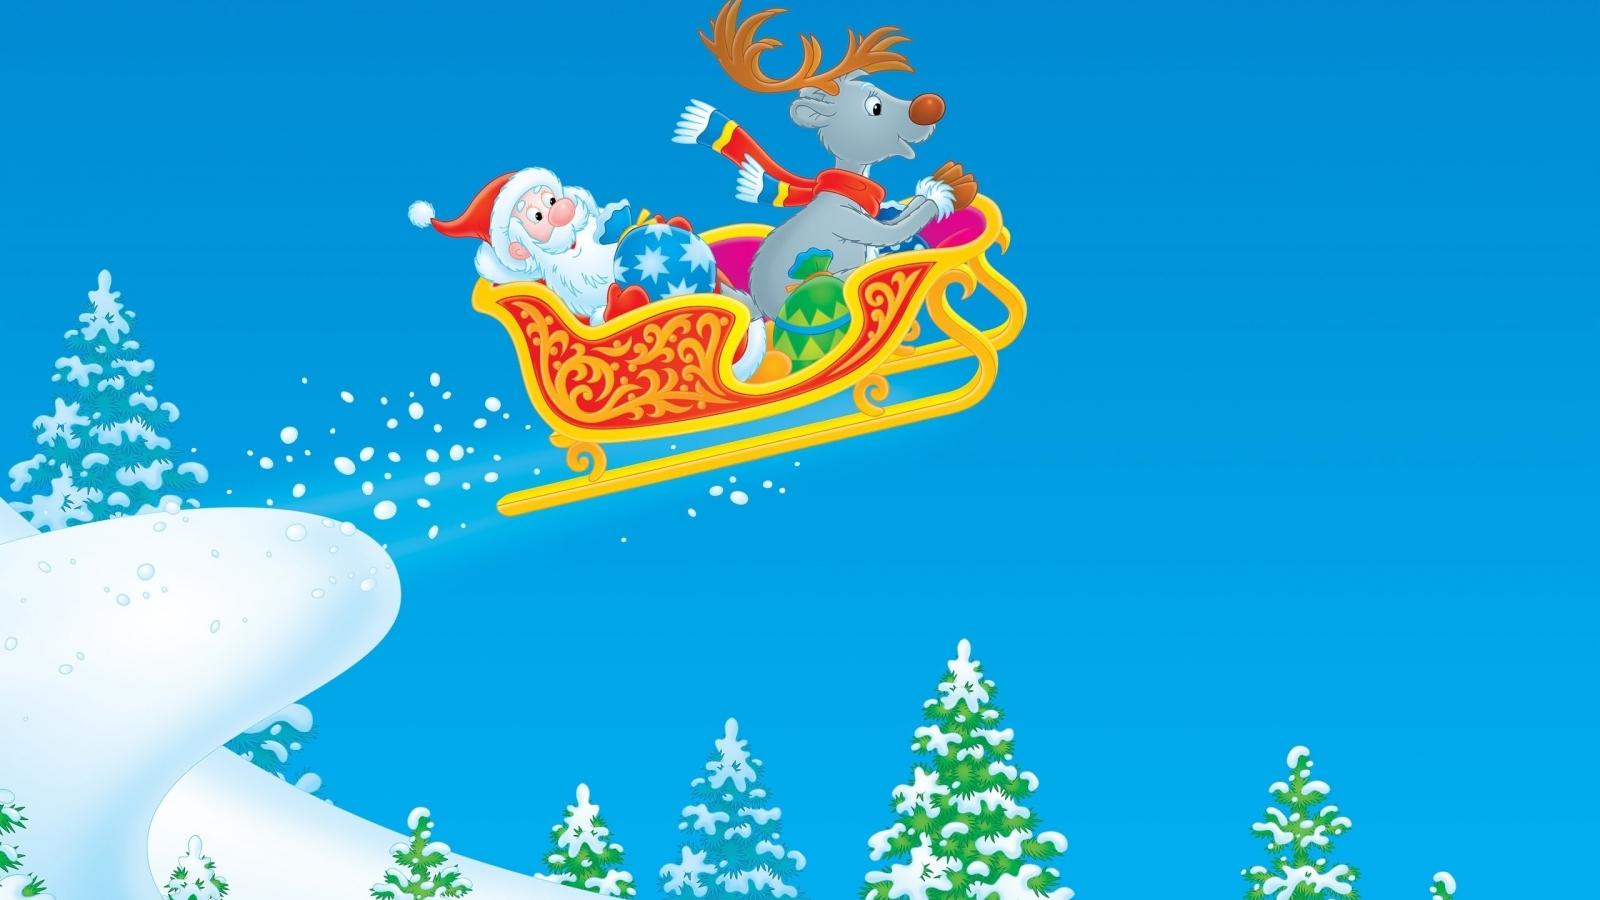 Dibujo de Santa Claus en trineo - 1600x900